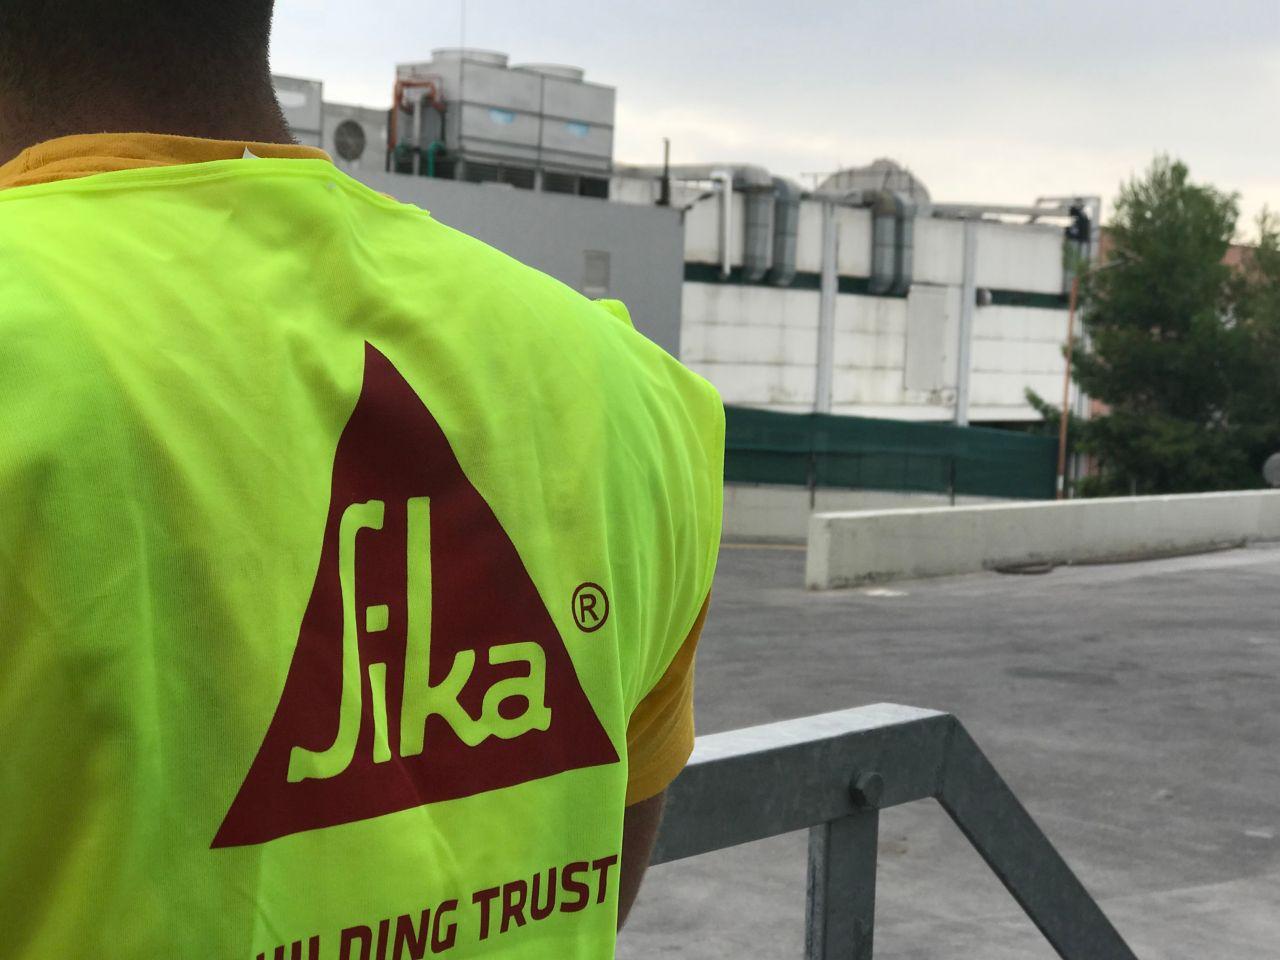 Τεχνική εξυπηρέτηση Sika Hellas